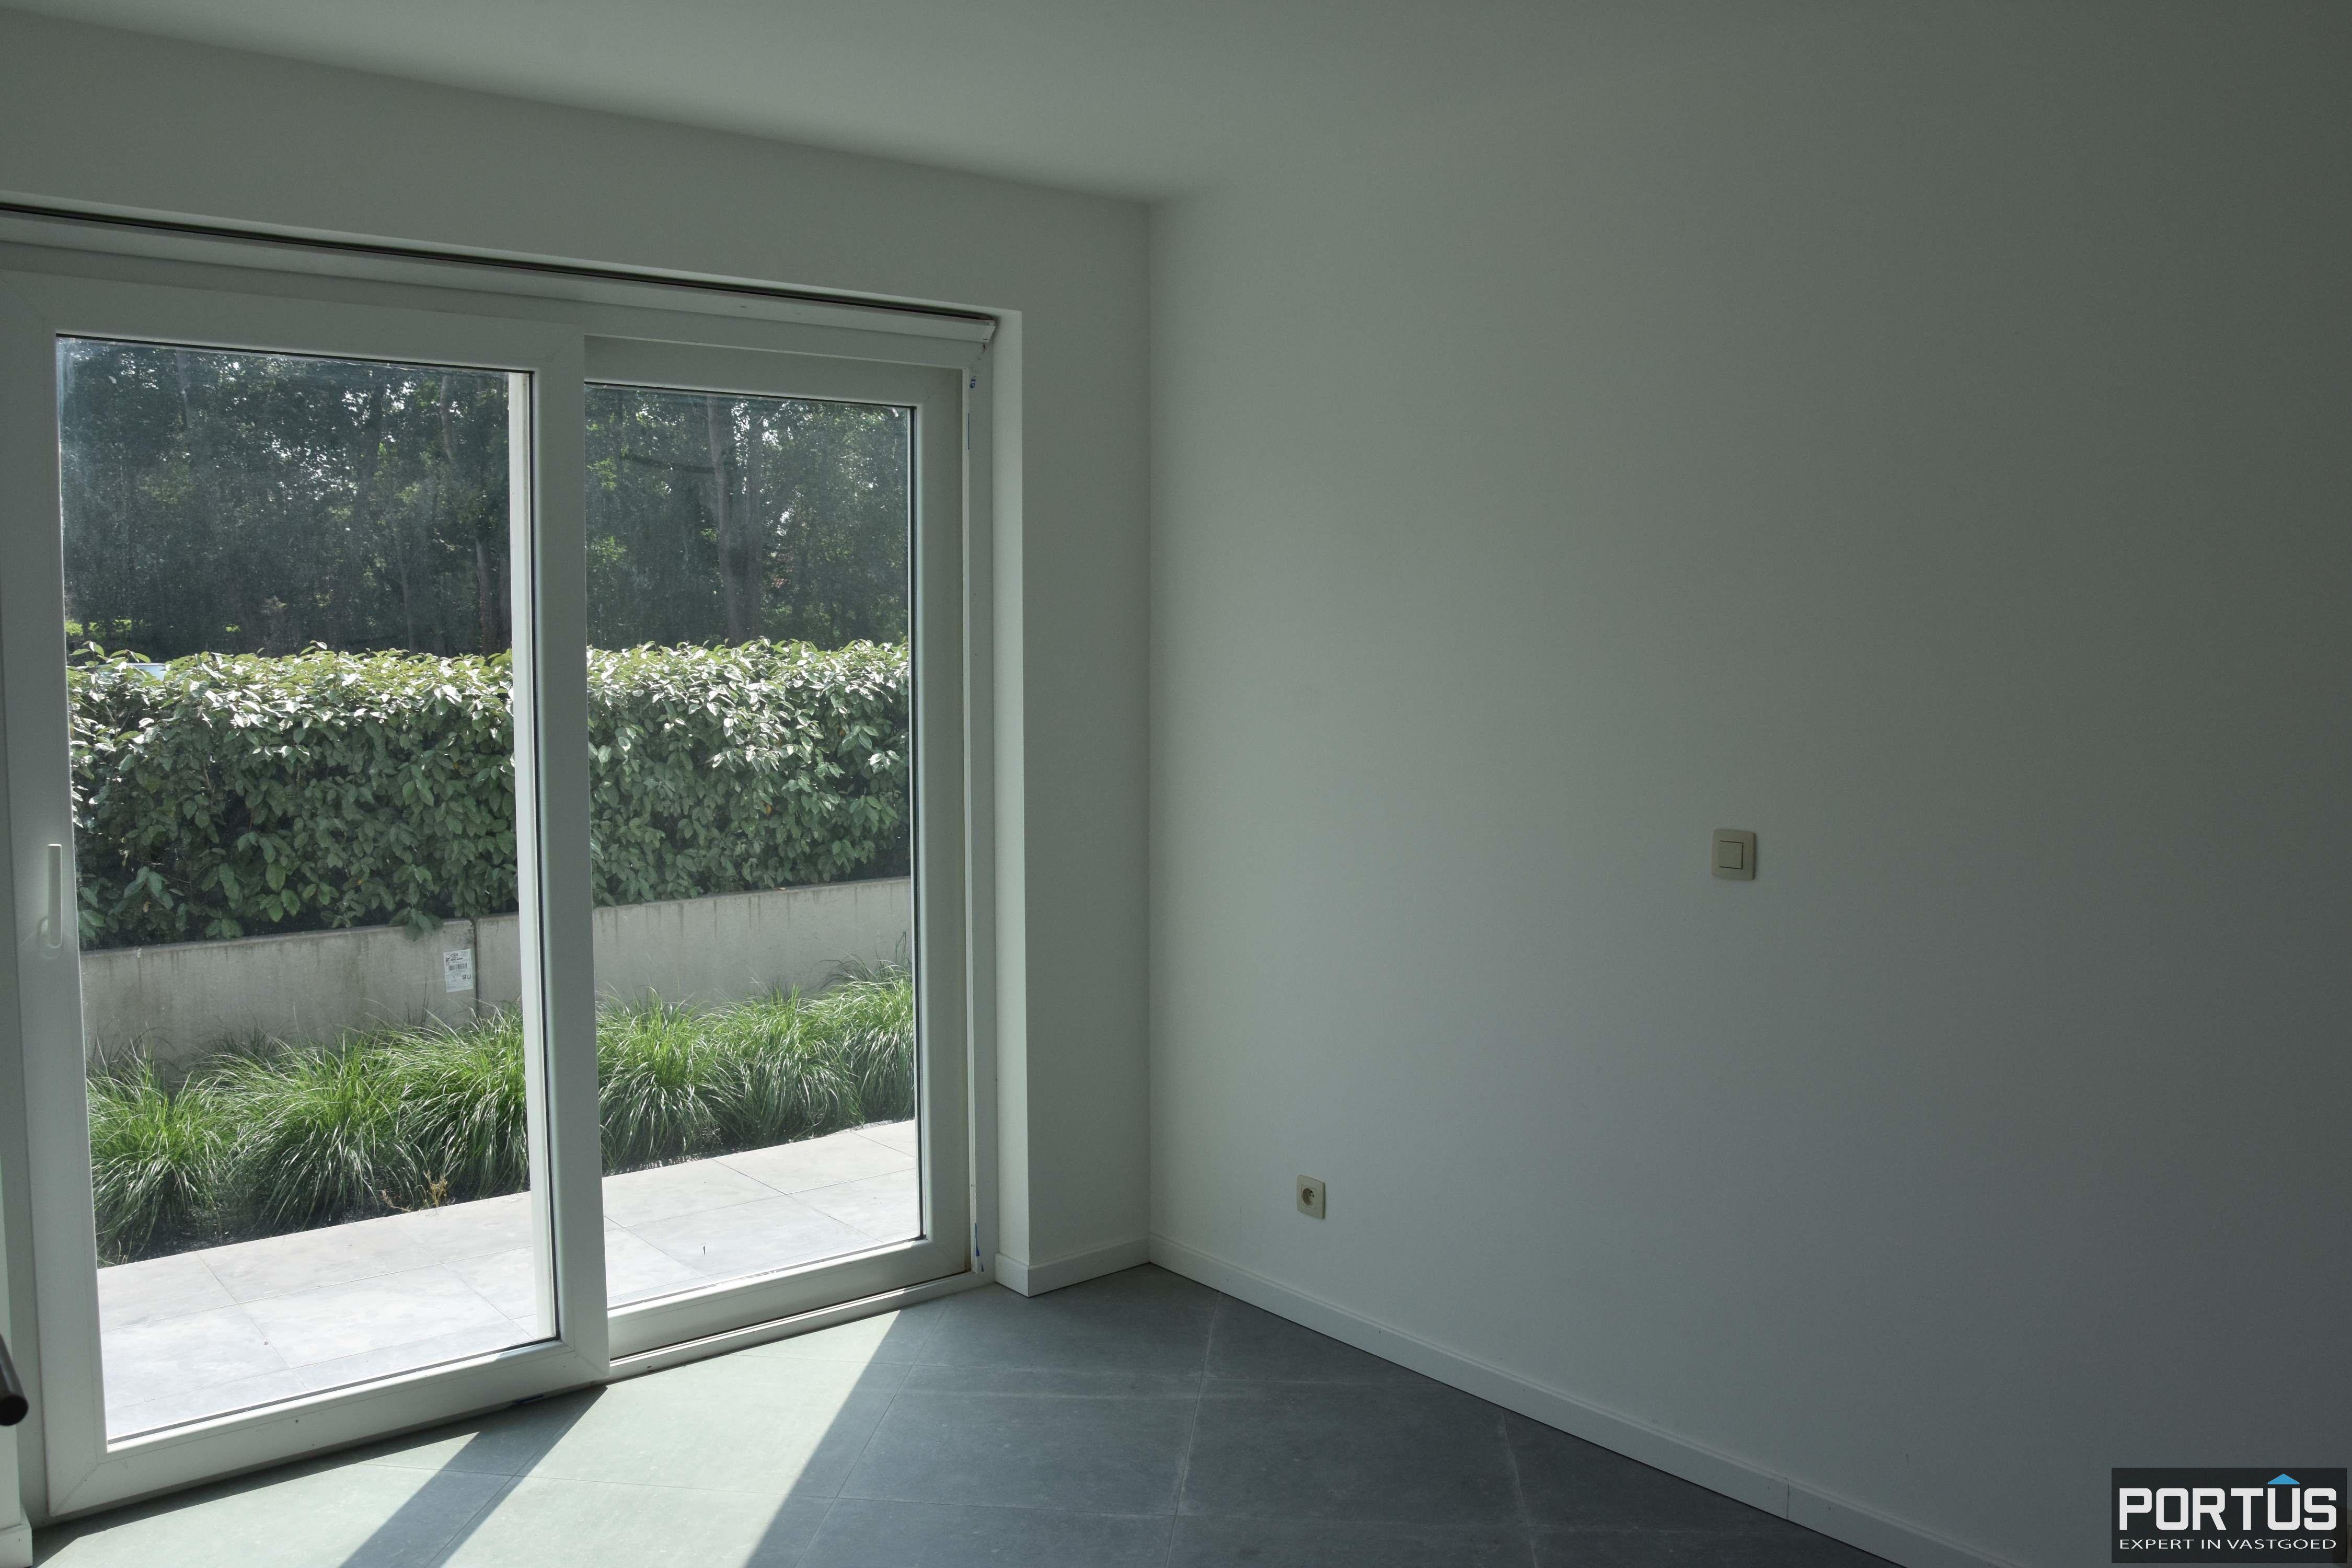 Appartement Residentie Villa Crombez Nieuwpoort - 8338